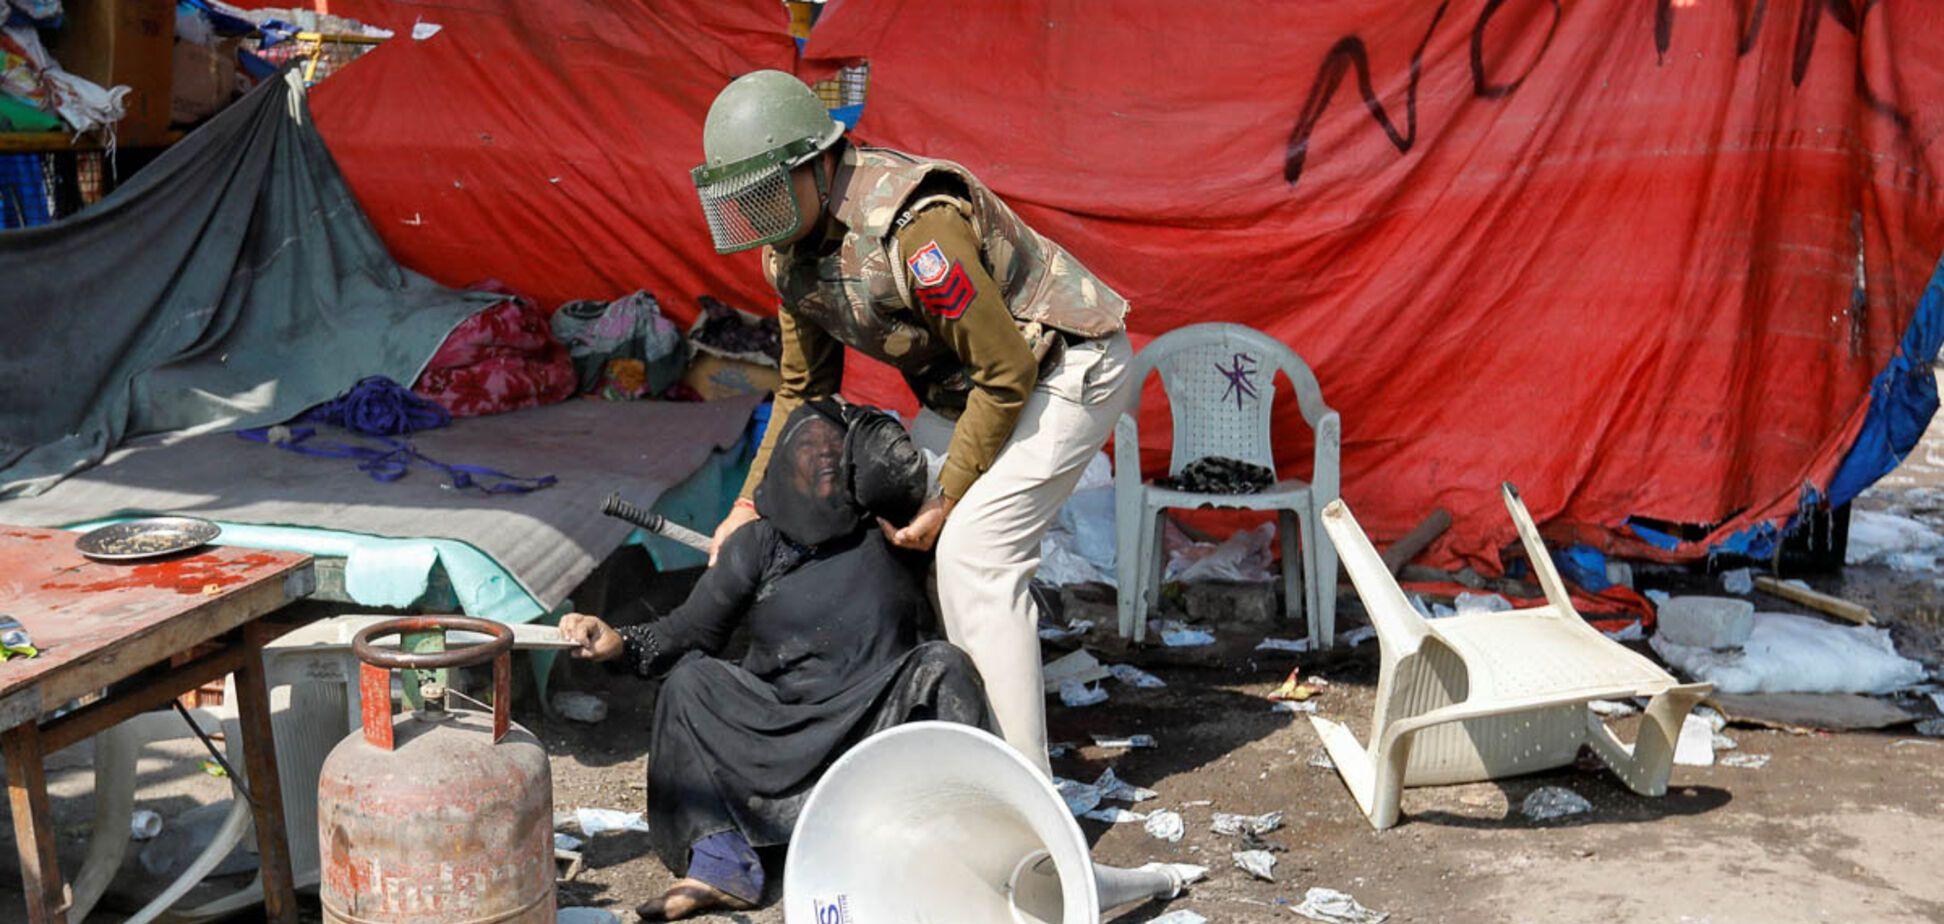 Протести в Нью-Делі